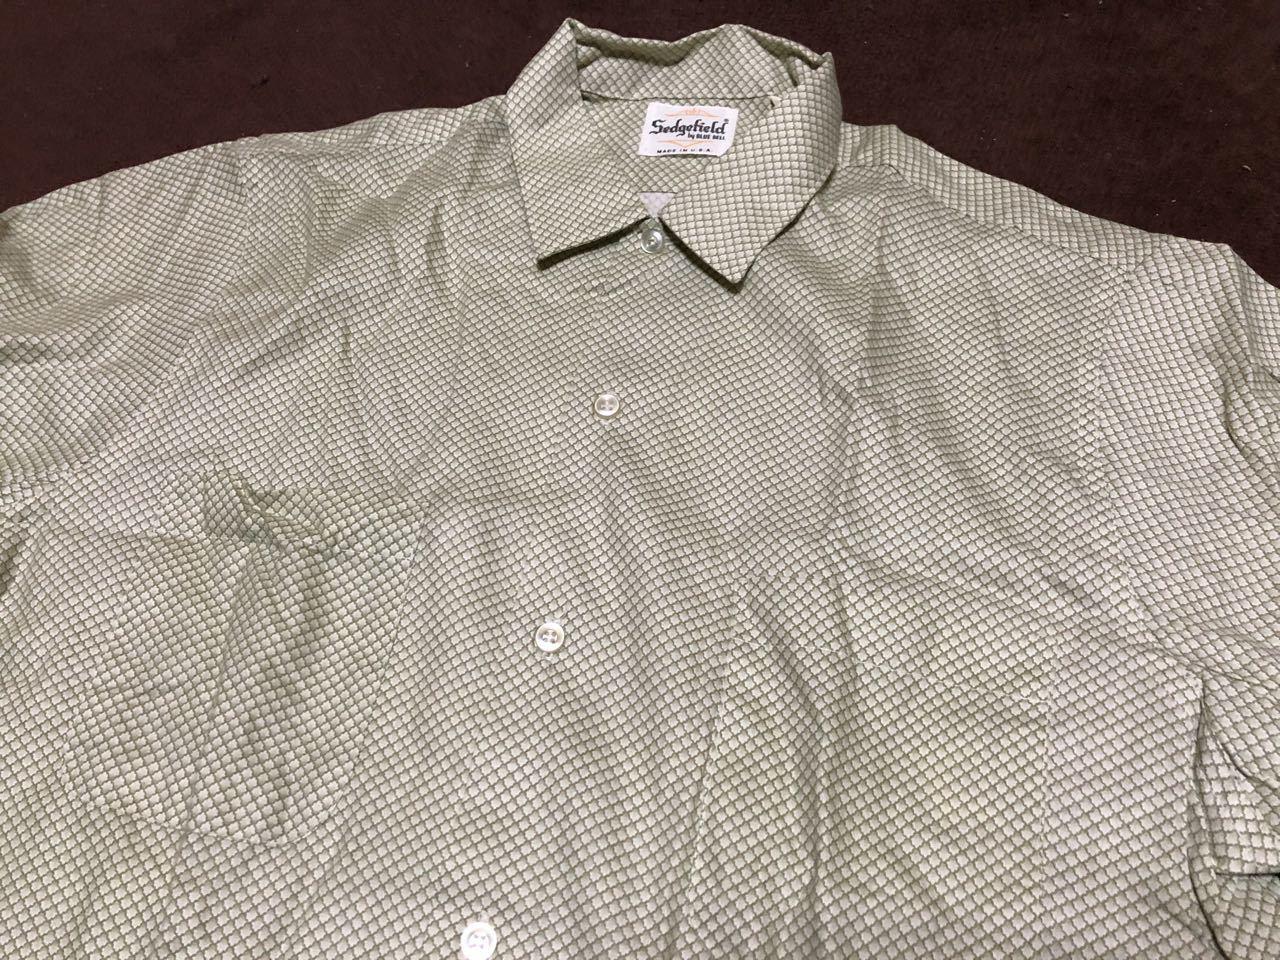 アメリカ仕入れ情報#32 デッドストック 60s all cotton  Sedgefield by BLUE BELL シャツ!_c0144020_14571936.jpg